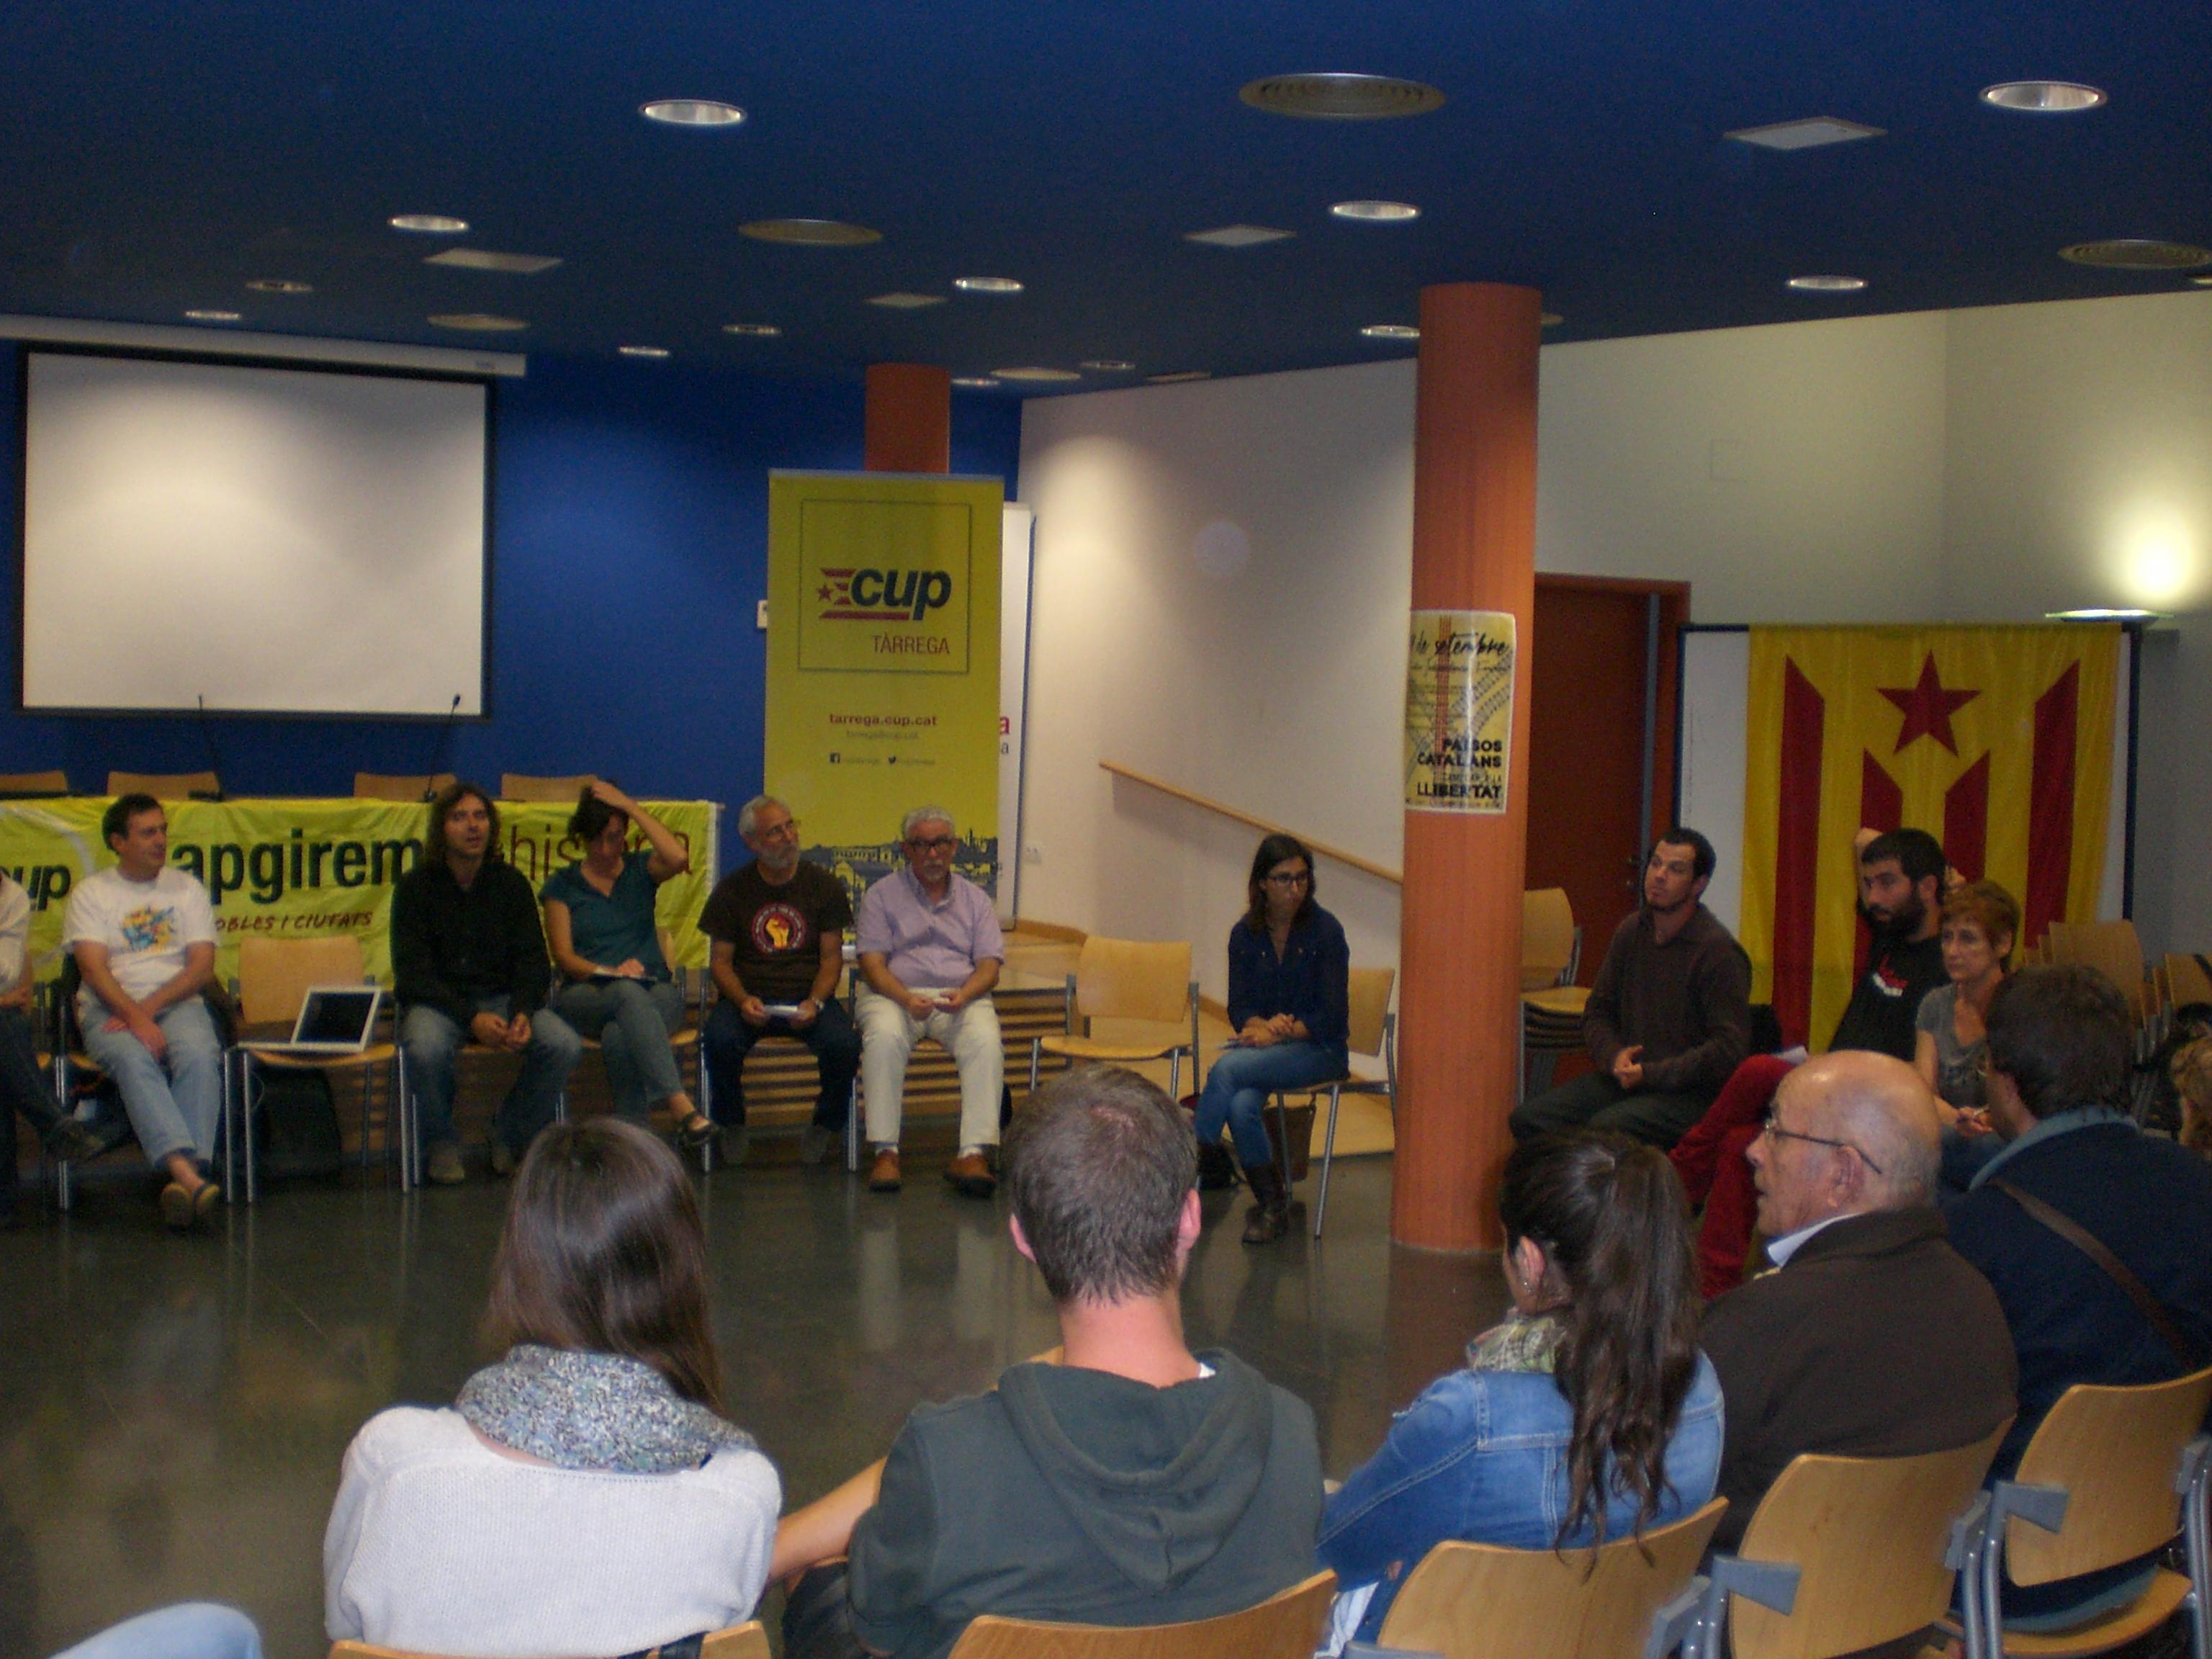 La CUP de Tàrrega organitza un acte per tractar temes del Ple fora de l'ajuntament